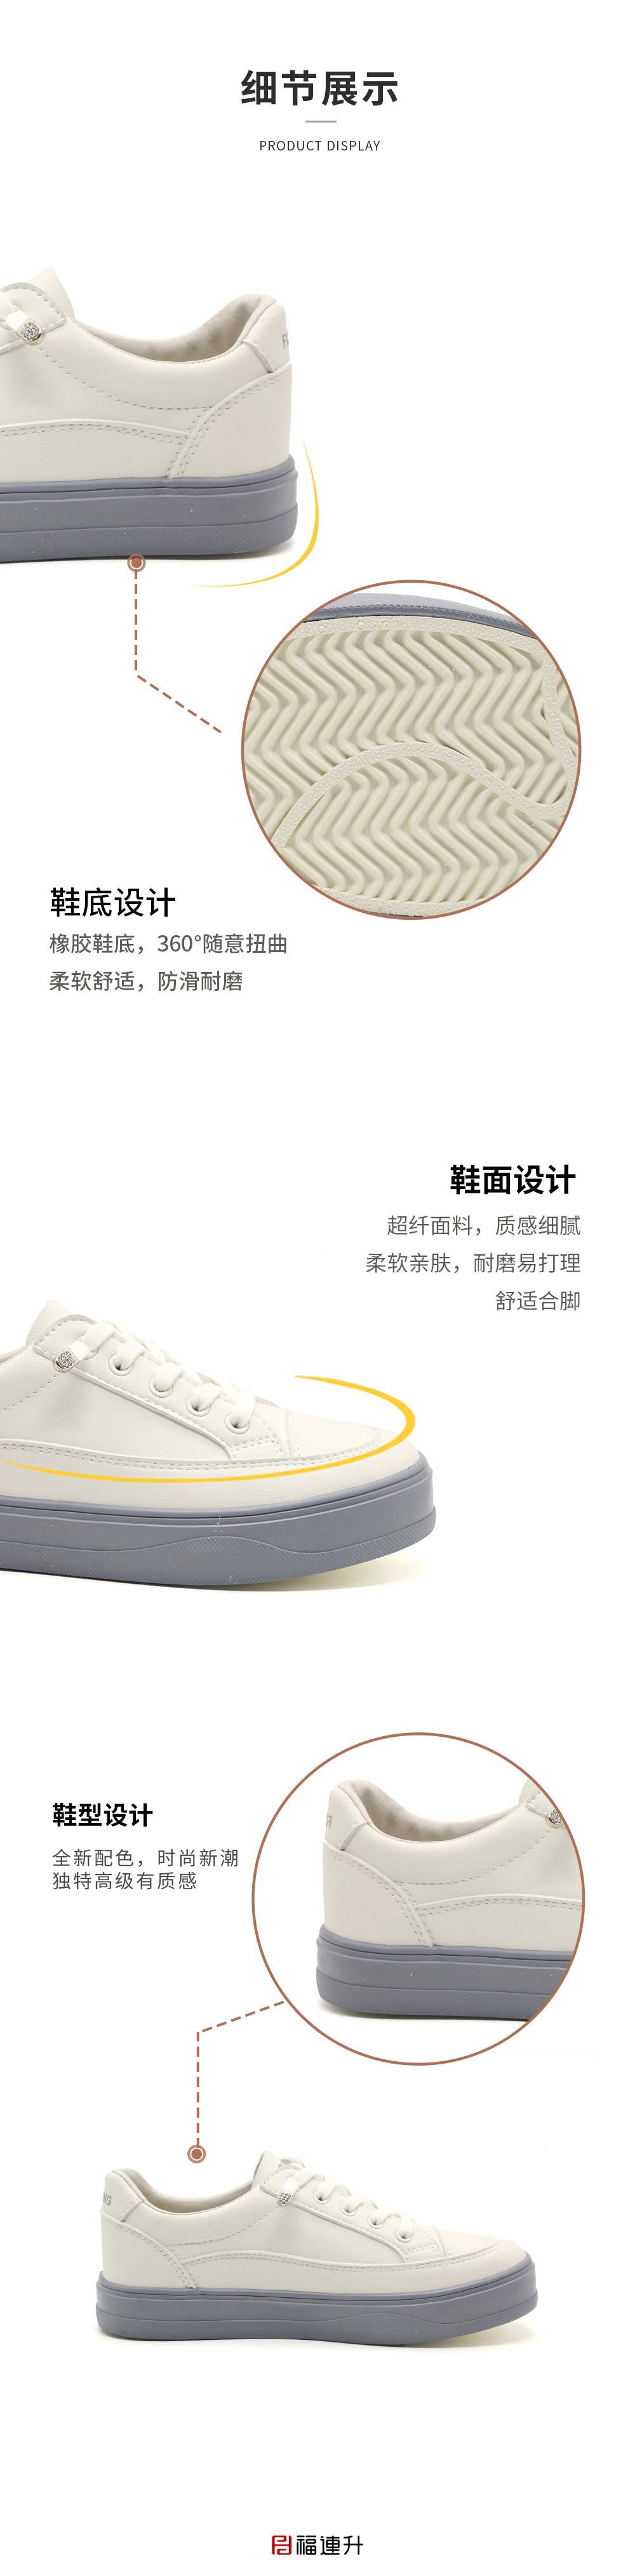 福连升舒适休闲百搭套脚平底小白鞋女单鞋子板鞋潮图片